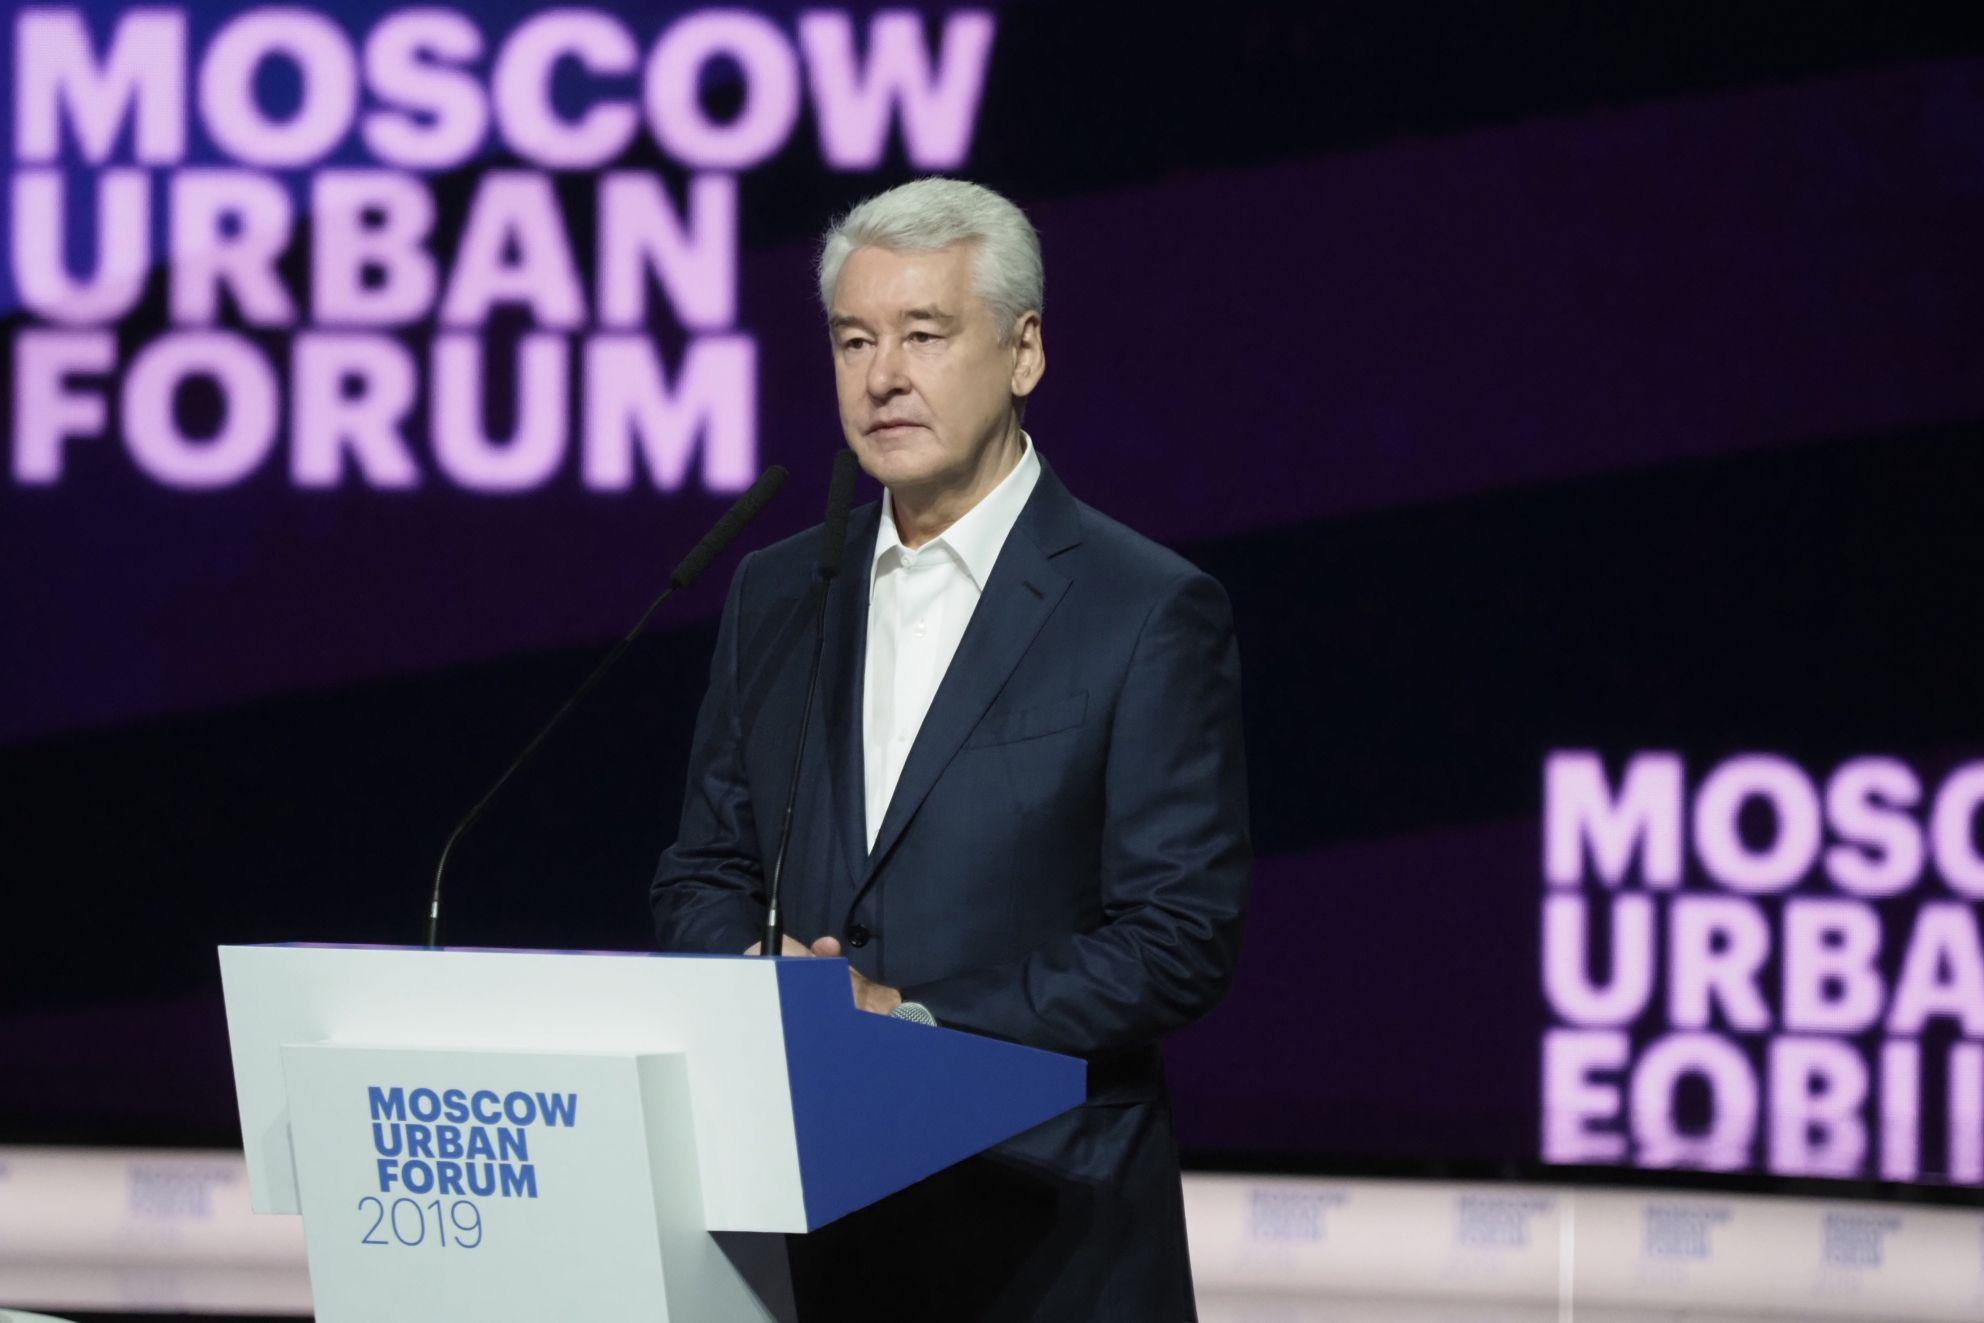 Сергей Собянин рассказал о благоустройстве столичных дворов